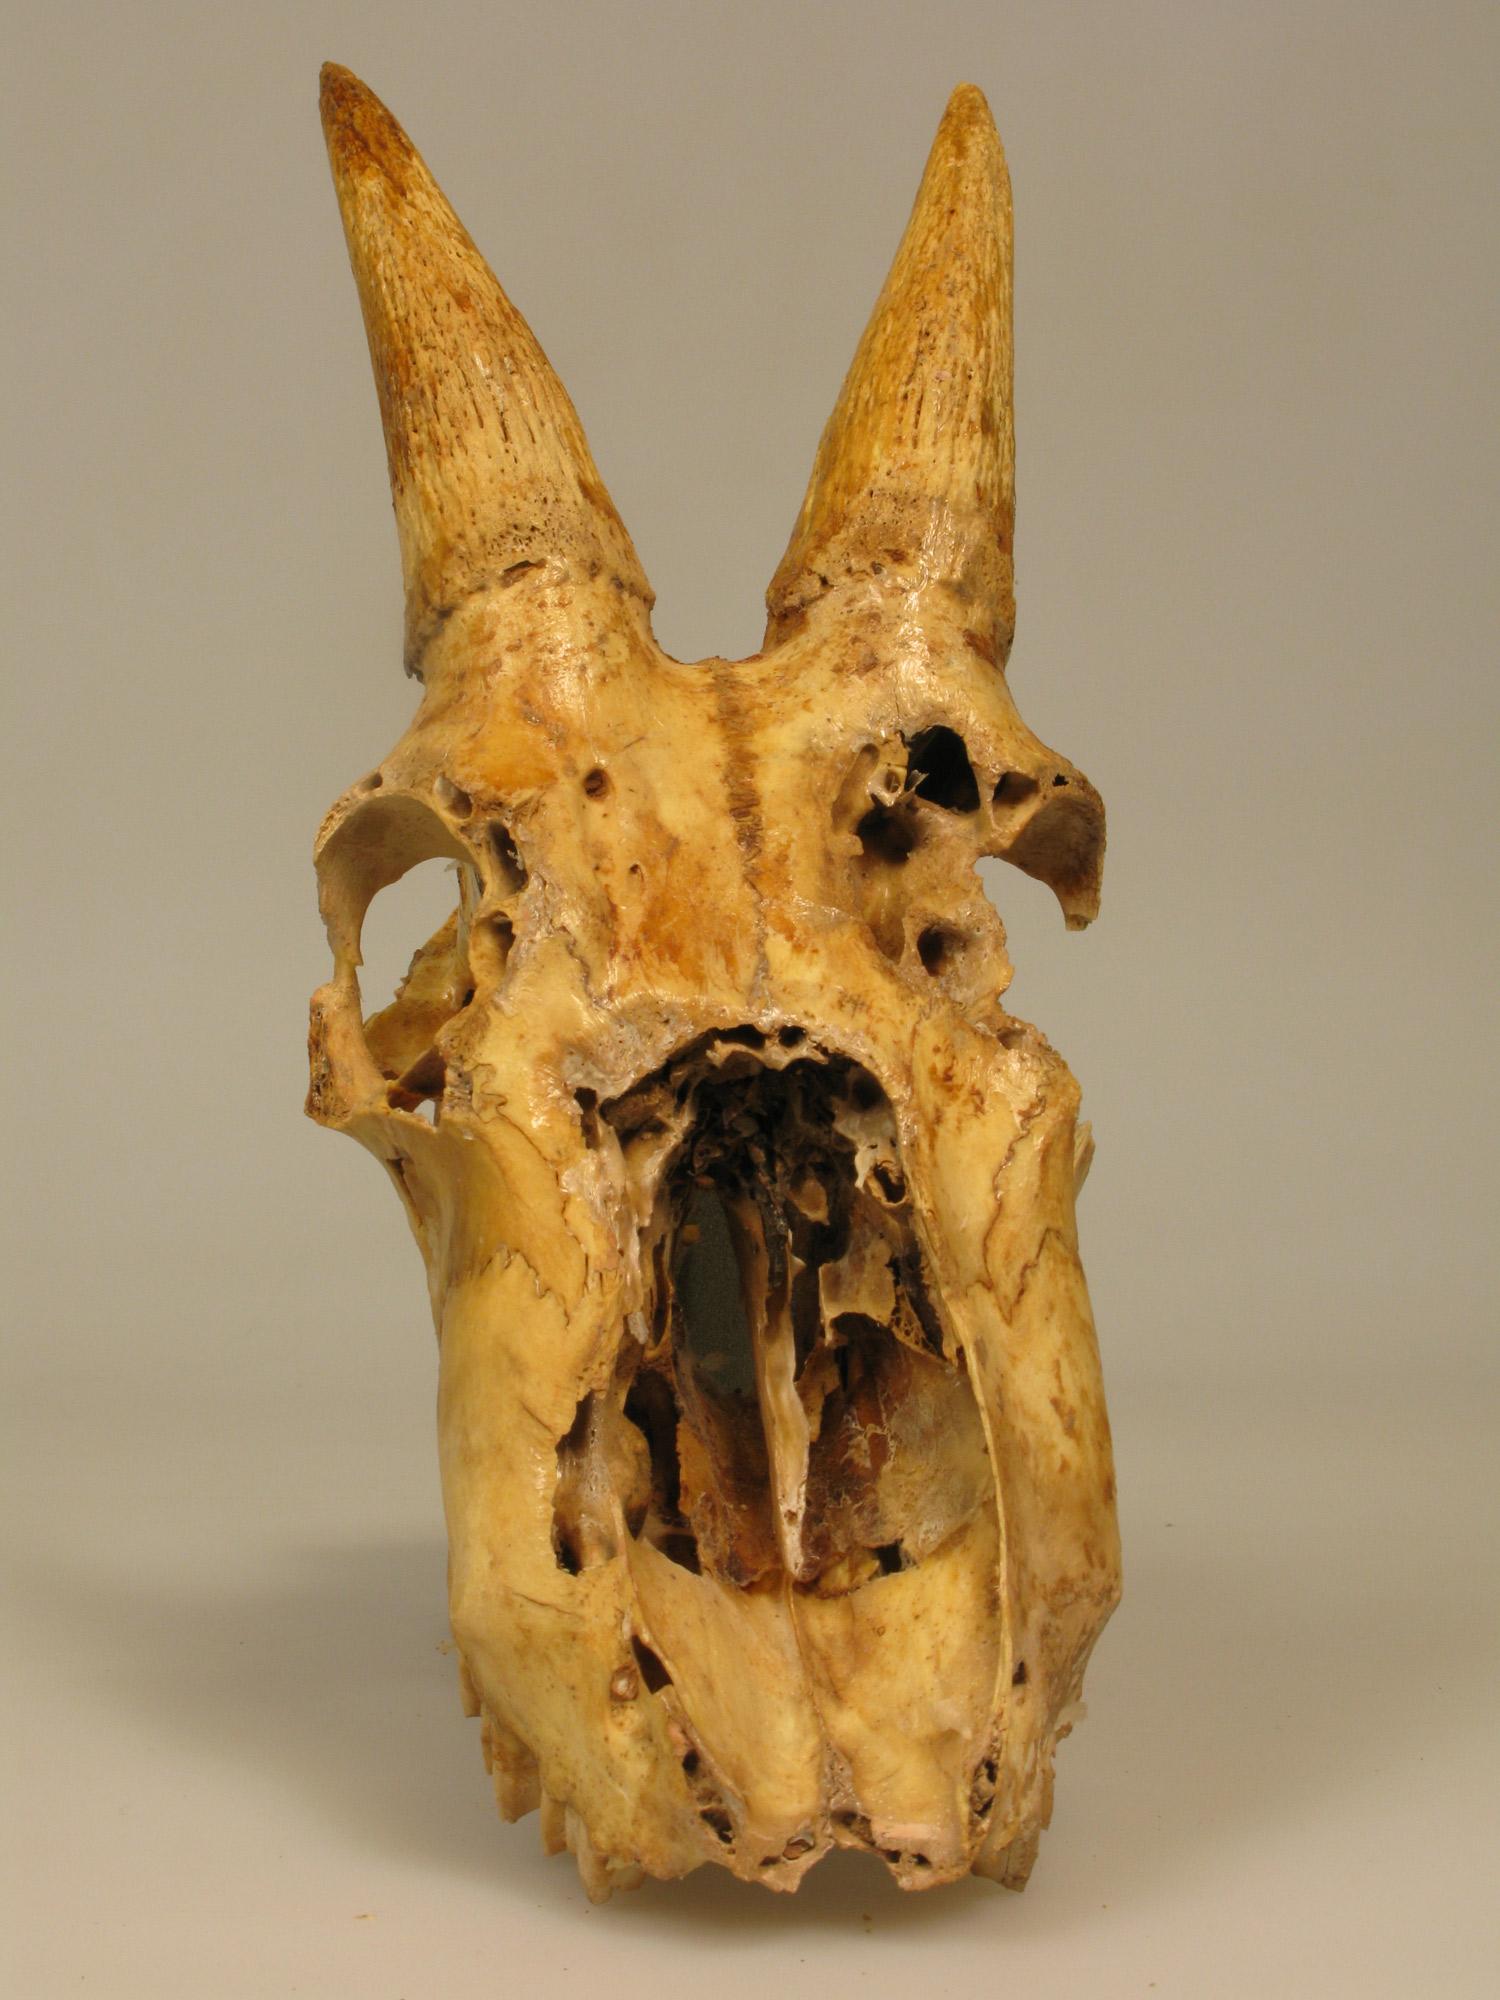 Mountain goat skull - photo#18